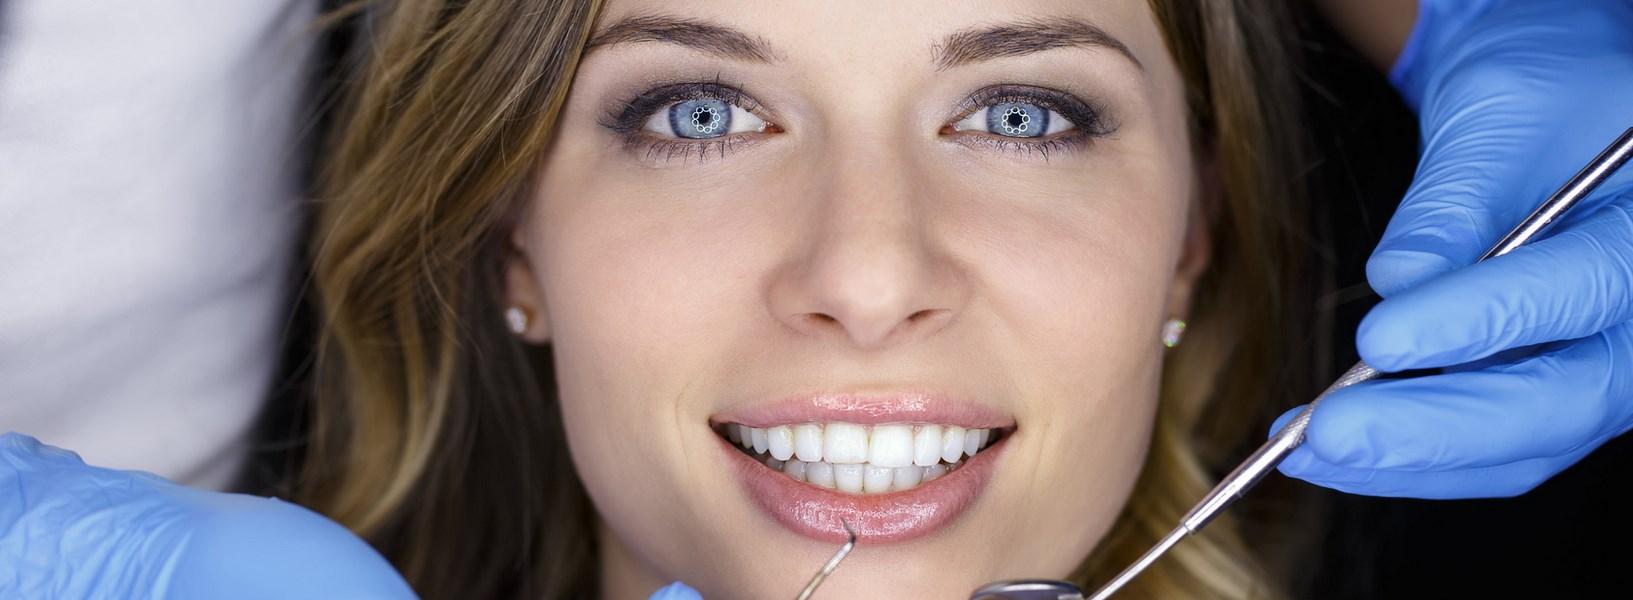 pacjent na fotelu dentystycznym